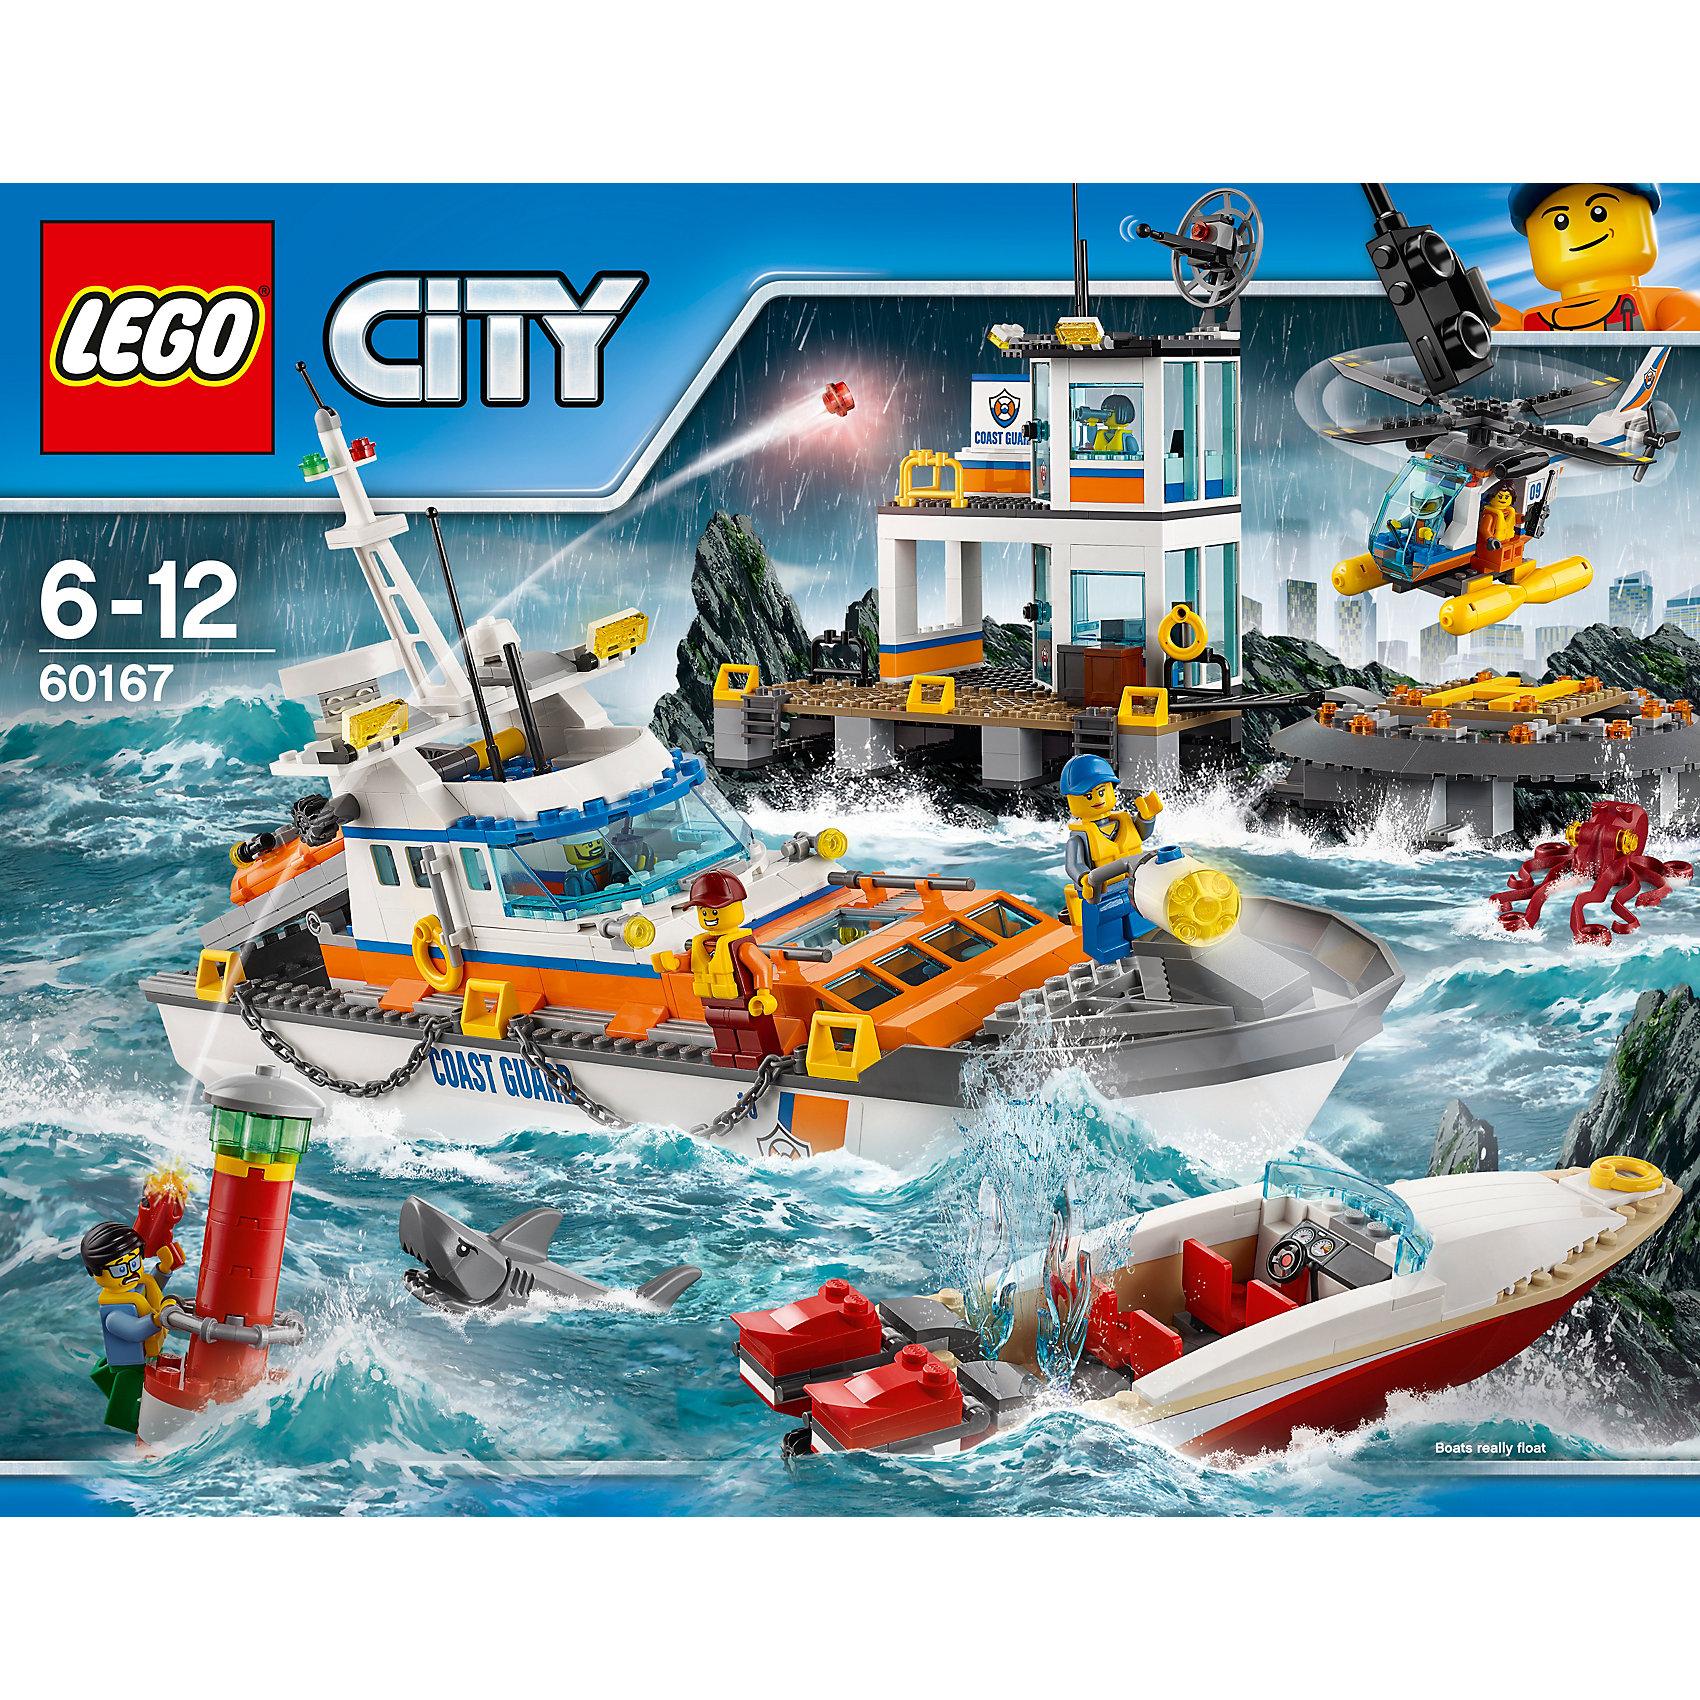 LEGO City 60167: Штаб береговой охраныПластмассовые конструкторы<br>Характеристики товара: <br><br>• возраст: от 6 лет;<br>• материал: пластик;<br>• в комплекте: 794 детали, 7 минифигурок;<br>• размер упаковки: 48х37,8х11,2 см;<br>• вес упаковки: 2,03 кг;<br>• страна производитель: Чехия.<br><br>Конструктор Lego City «Штаб береговой охраны» из серии Лего Сити Береговая охрана. На воде терпит бедствие катер, у него несколько пробоин, внутрь сочится вода. На помощь придут спасатели береговой охраны. Из деталей собирается сам штаб и большая спасательная лодка. Штаб оборудован площадкой для вертолета. <br><br>Конструктор Lego City «Штаб береговой охраны» можно приобрести в нашем интернет-магазине.<br><br>Ширина мм: 482<br>Глубина мм: 375<br>Высота мм: 119<br>Вес г: 2030<br>Возраст от месяцев: 72<br>Возраст до месяцев: 144<br>Пол: Мужской<br>Возраст: Детский<br>SKU: 5620019